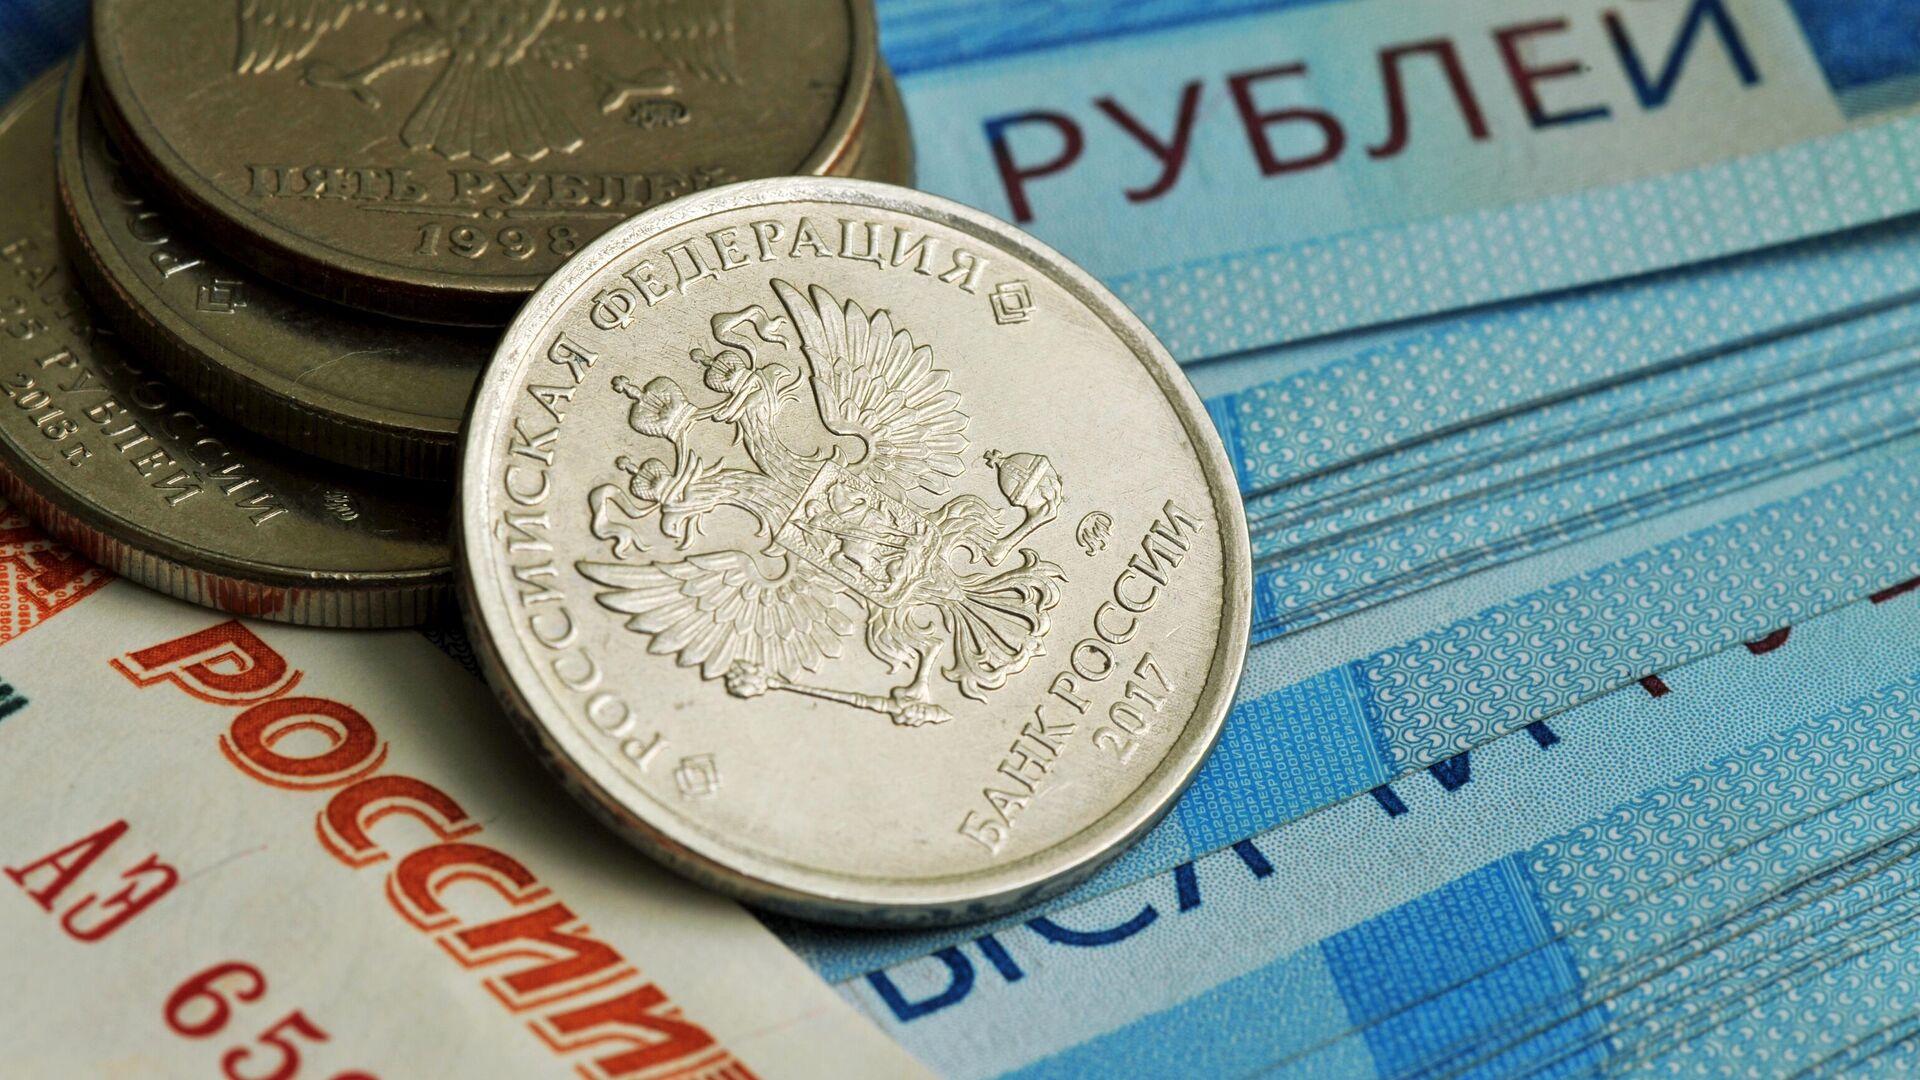 Денежные купюры и монеты - РИА Новости, 1920, 29.07.2021